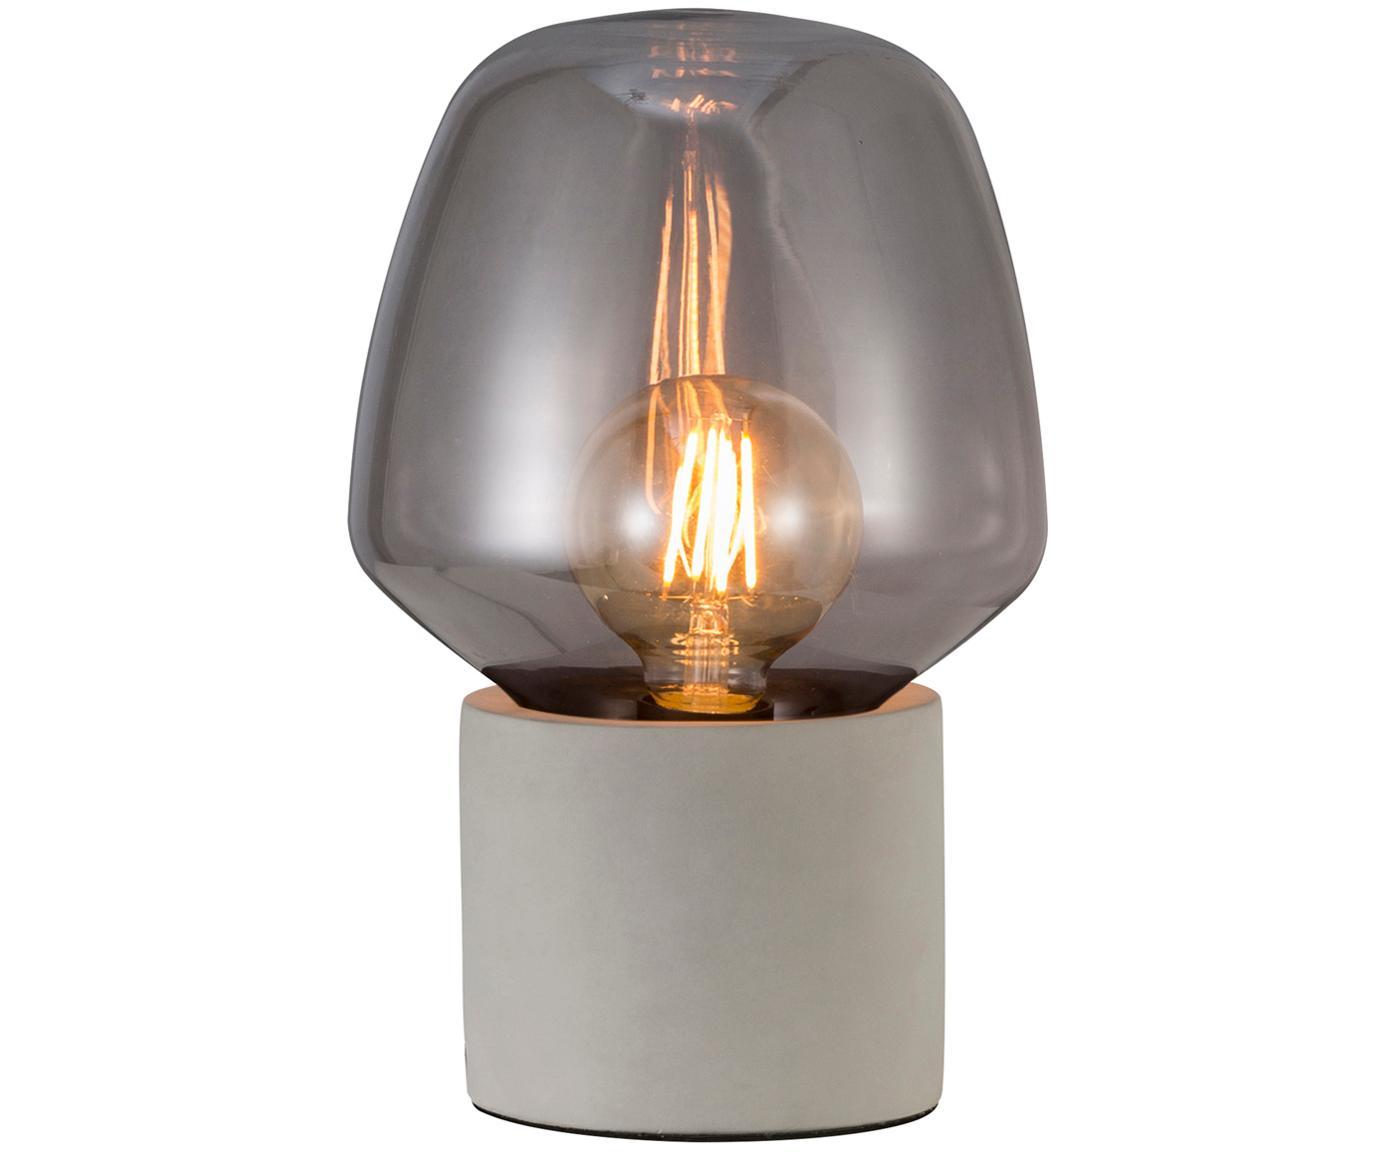 Kleine Tischleuchte Christina, Lampenschirm: Glas, Lampenfuß: Beton, Betongrau, Grau, transparent, Ø 20 x H 30 cm